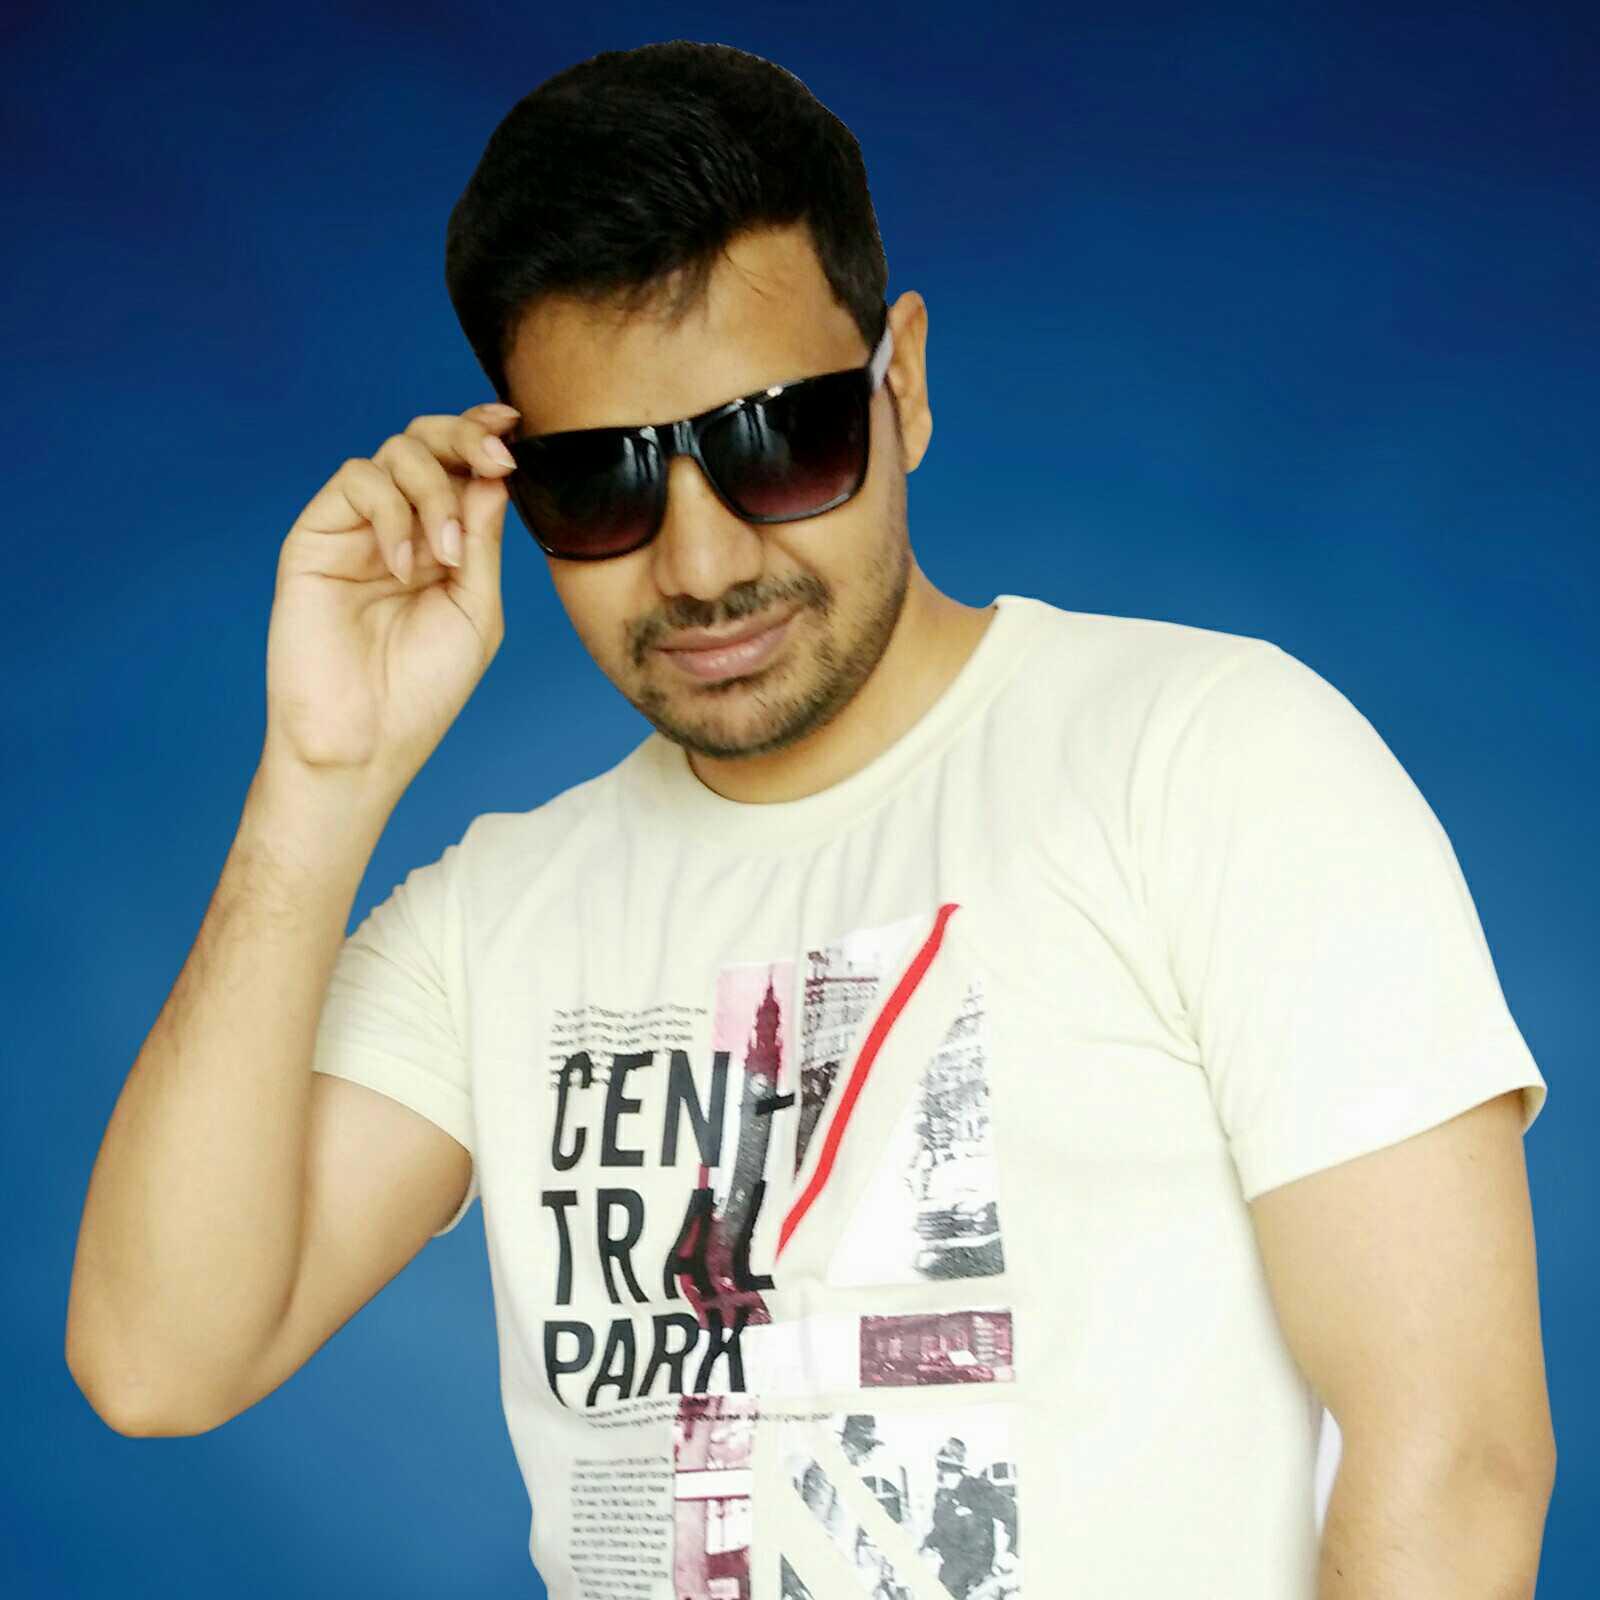 Bipin Sen Blogger, YouTuber, Social Media Influencer, Singer, Photographer, Traveller